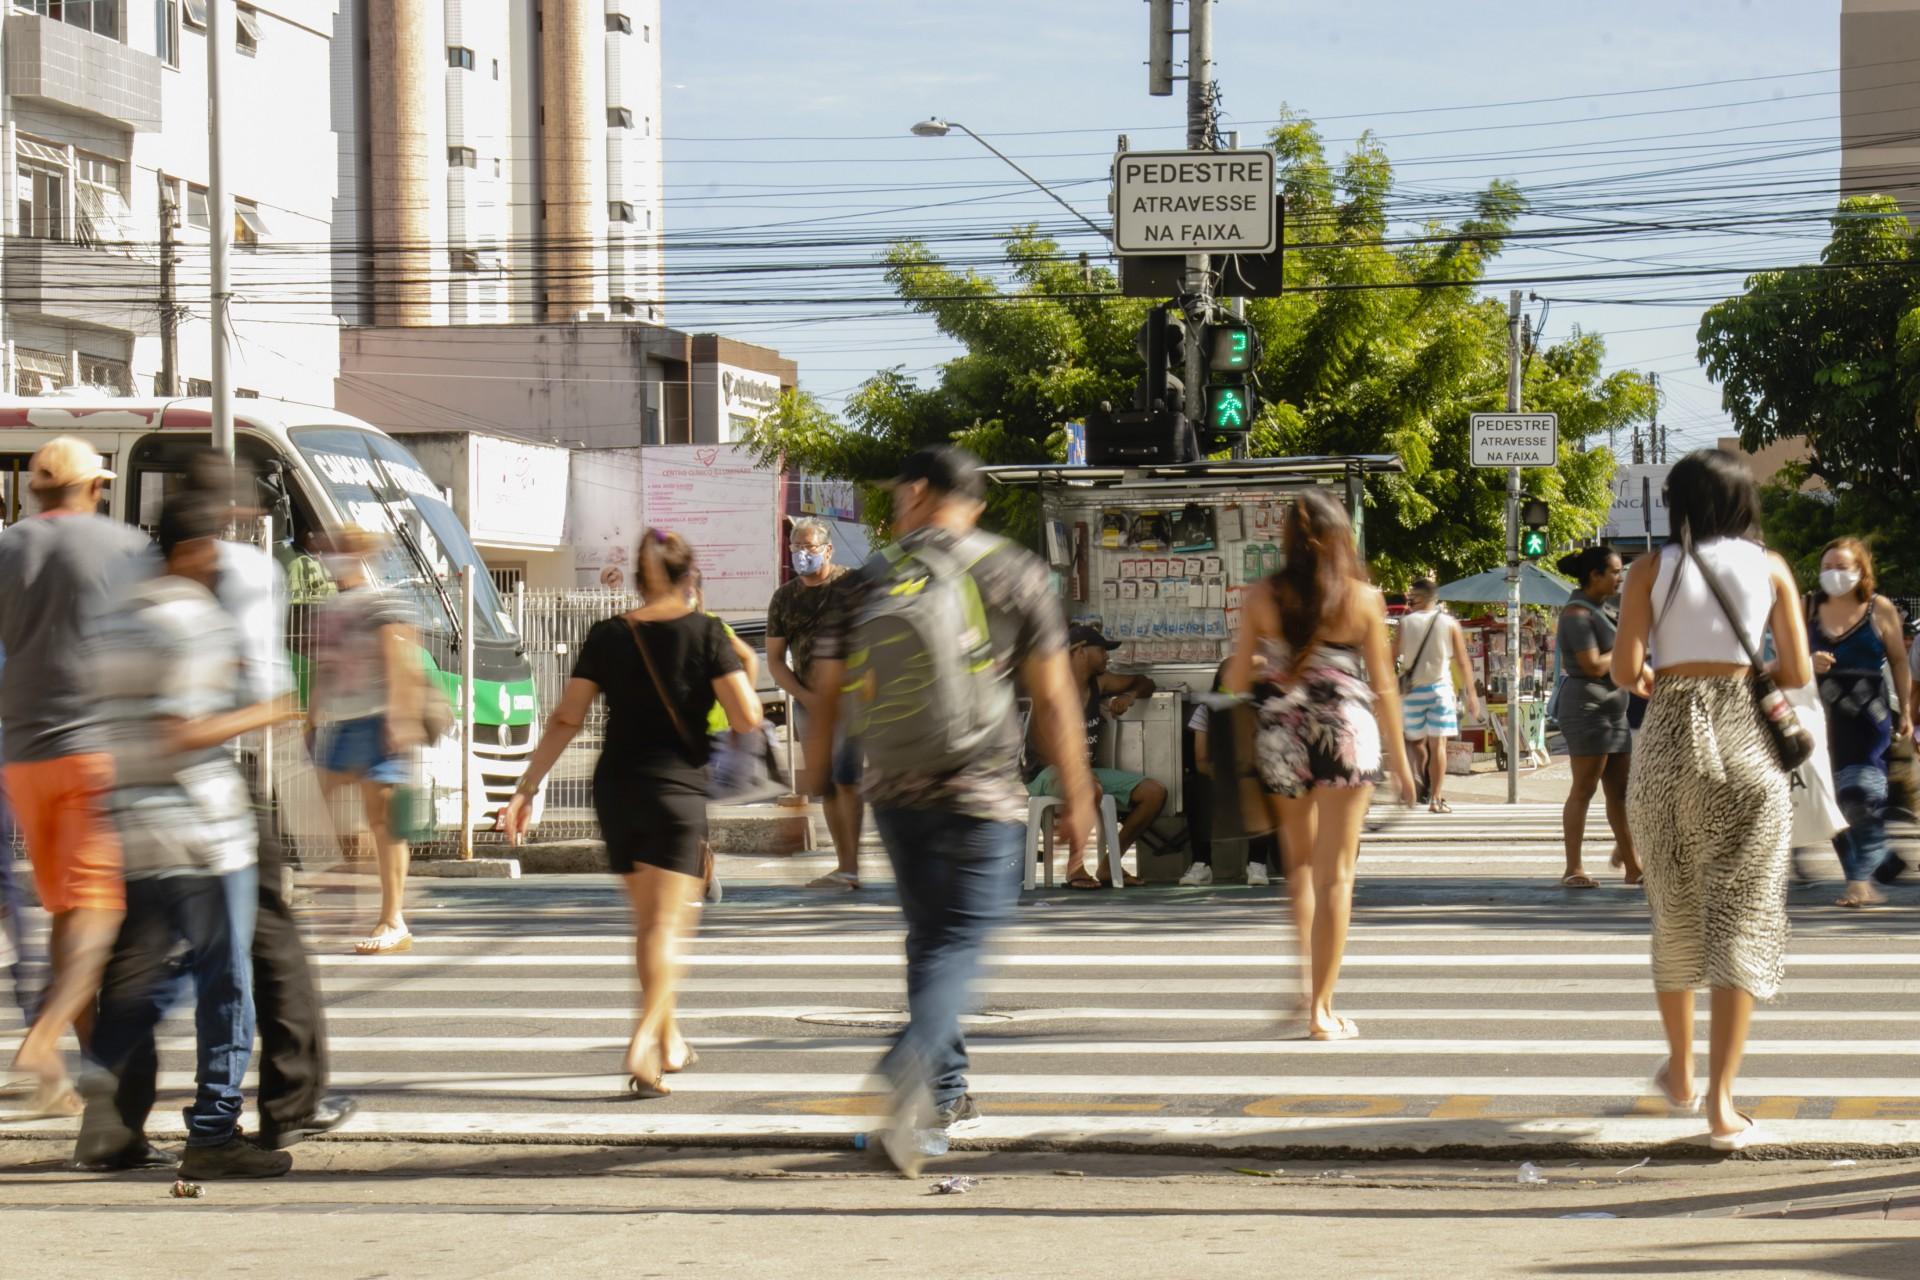 FORTALEZA, CE, BRASIL, 30.12.2020: Em frente North Shopping na Avenida Bezerra de Menezes. Previsao de retomada de empregos 2021 - Economia. Em época de COVID-19. (Foto: Aurelio Alves/O POVO).